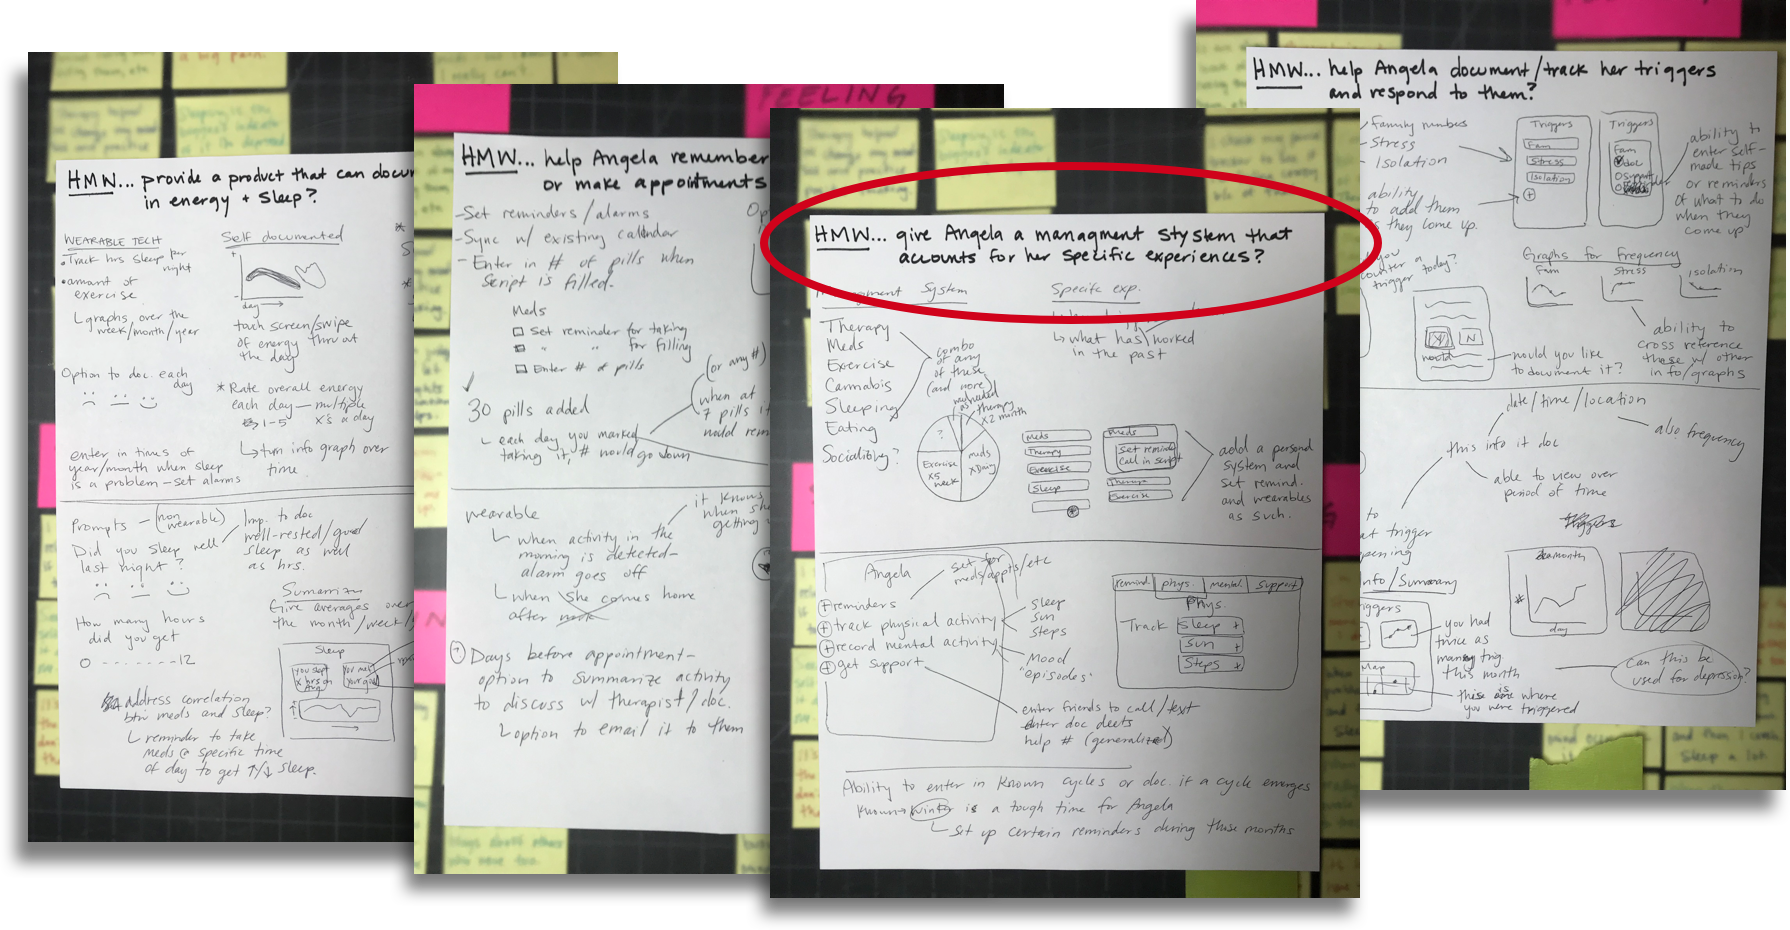 modus brainstorm.png